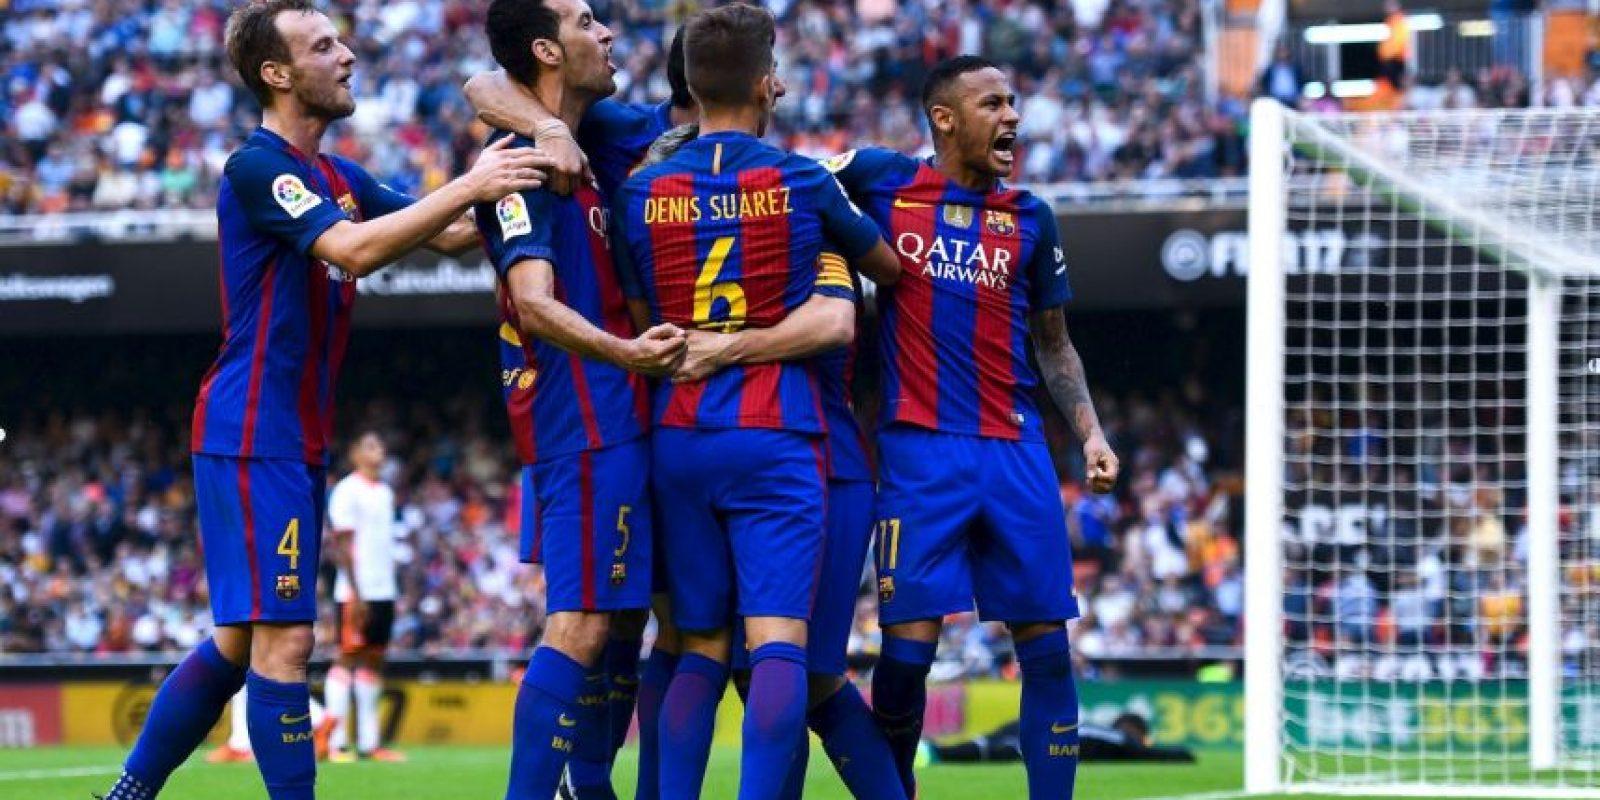 En Valencia se lanzaron contra los hinchas locales. Neymar y Suárez terminaron con botellazs Foto:Getty Images